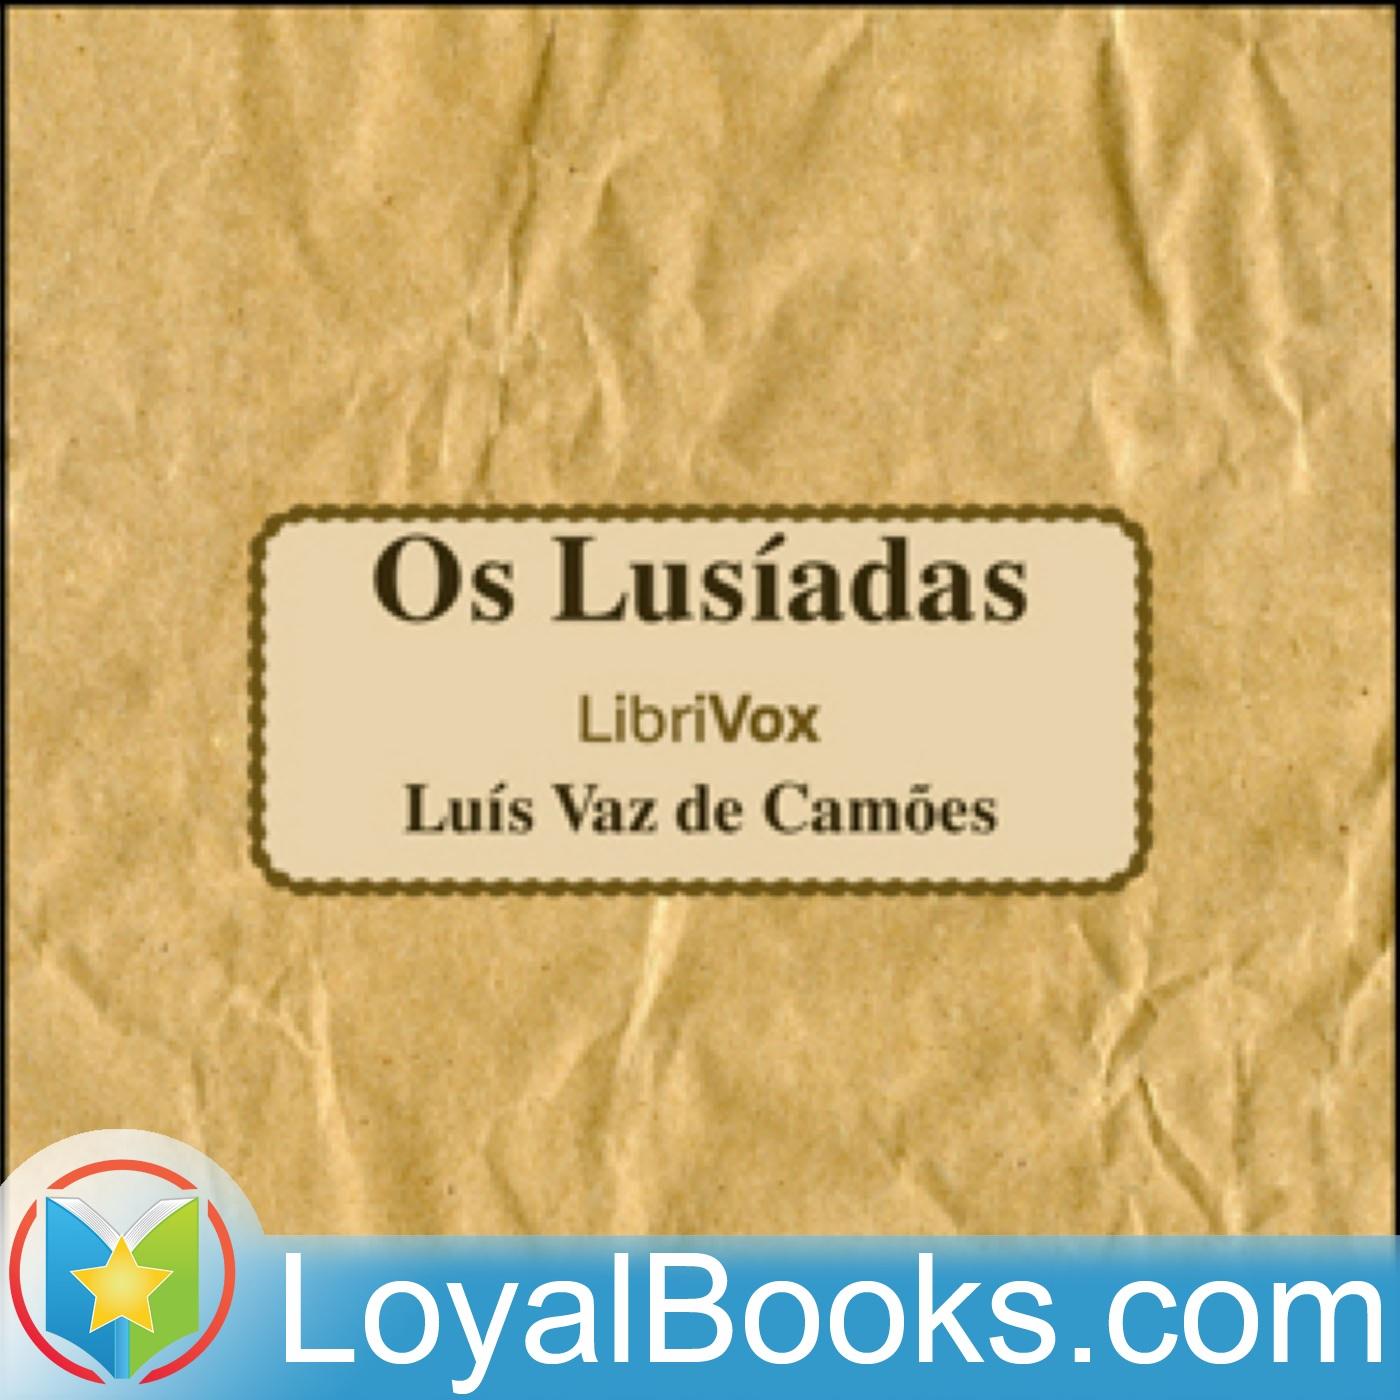 <![CDATA[Os Lusíadas by Luís Vaz de Camões]]>